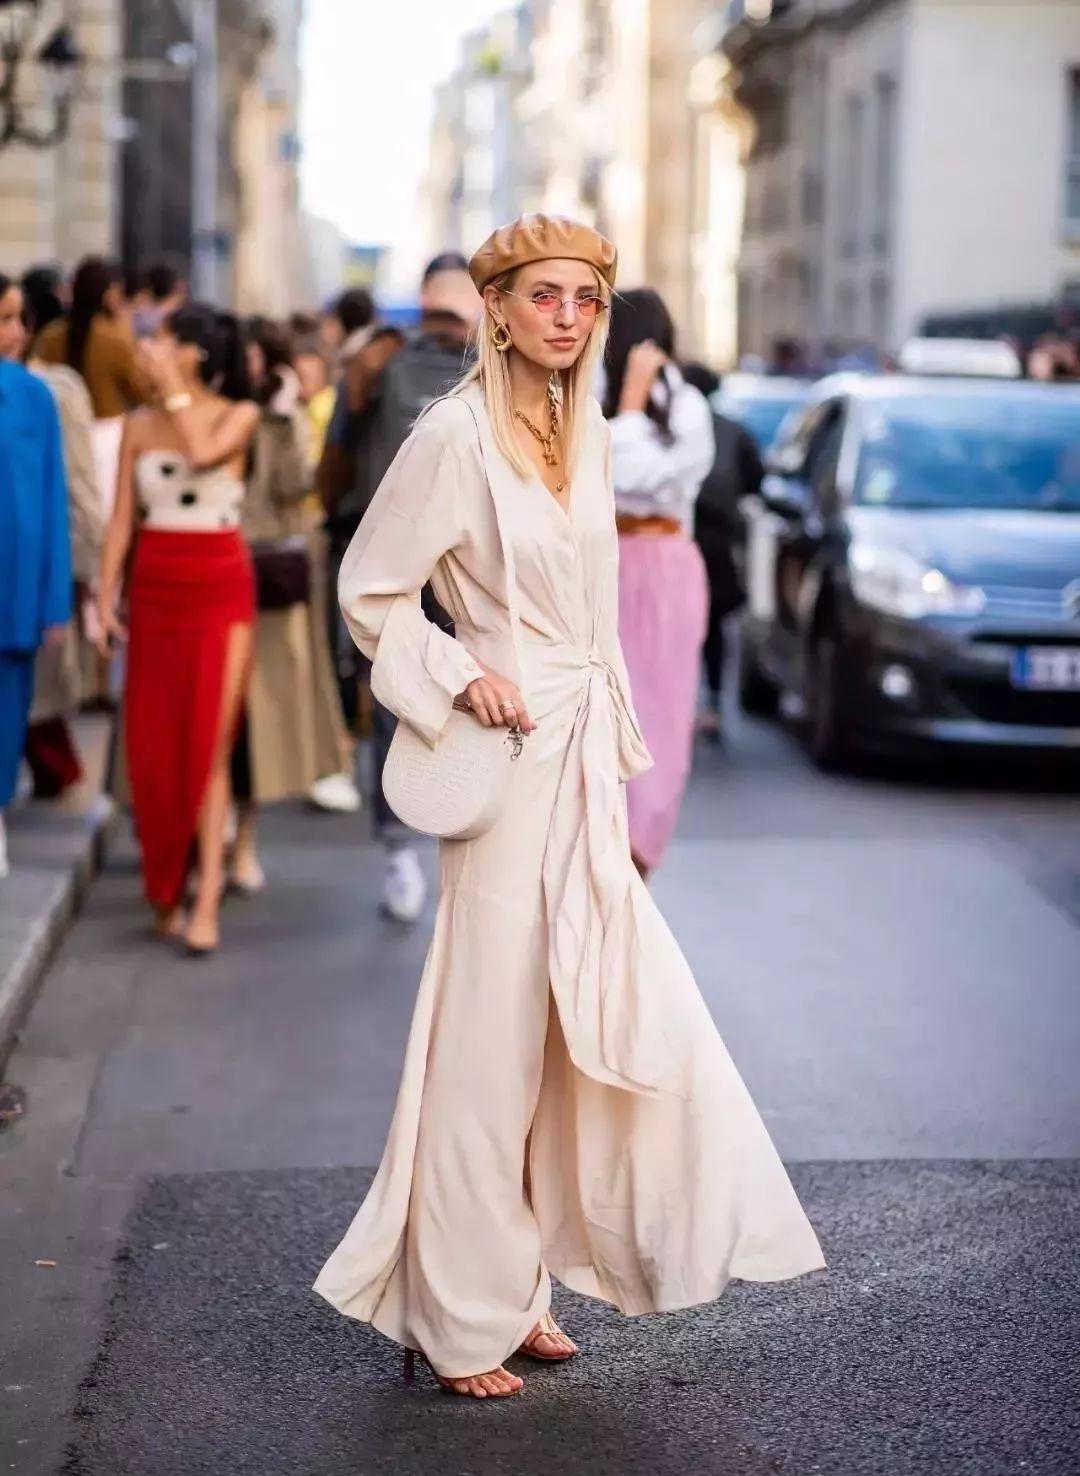 Thời trang cung hoàng đạo: Những thiết kế ấn tượng dành riêng cho cô nàng Bạch Dương 18